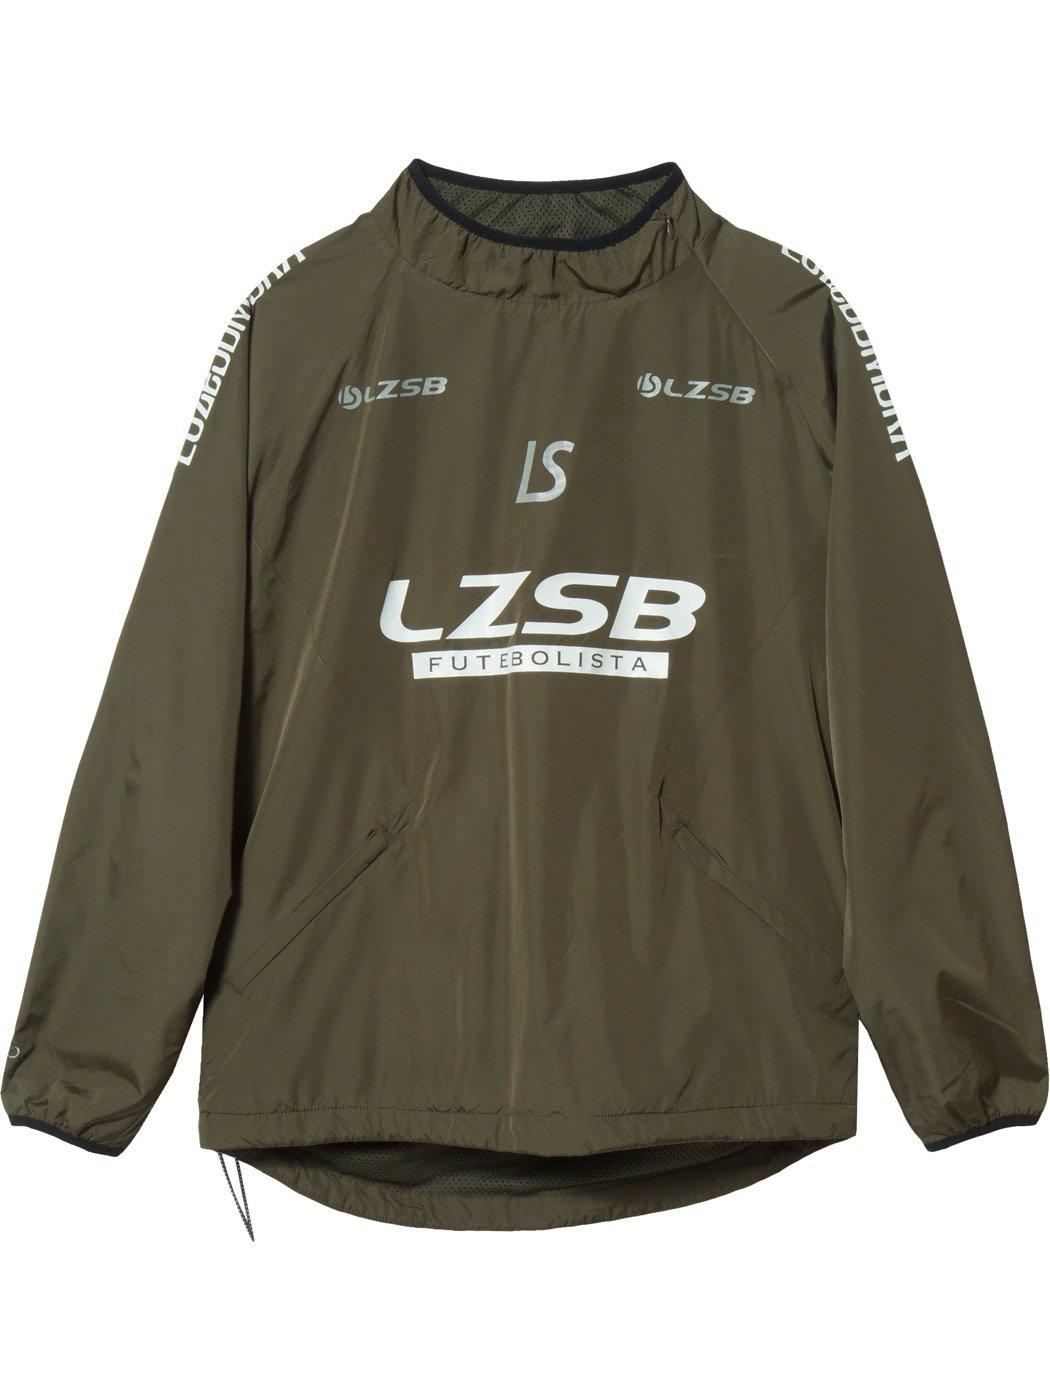 LUZeSOMBRA(ルースイソンブラ) HYBRID タフタトップ F1811104 B079Q8K28Y Small|カーキ カーキ Small